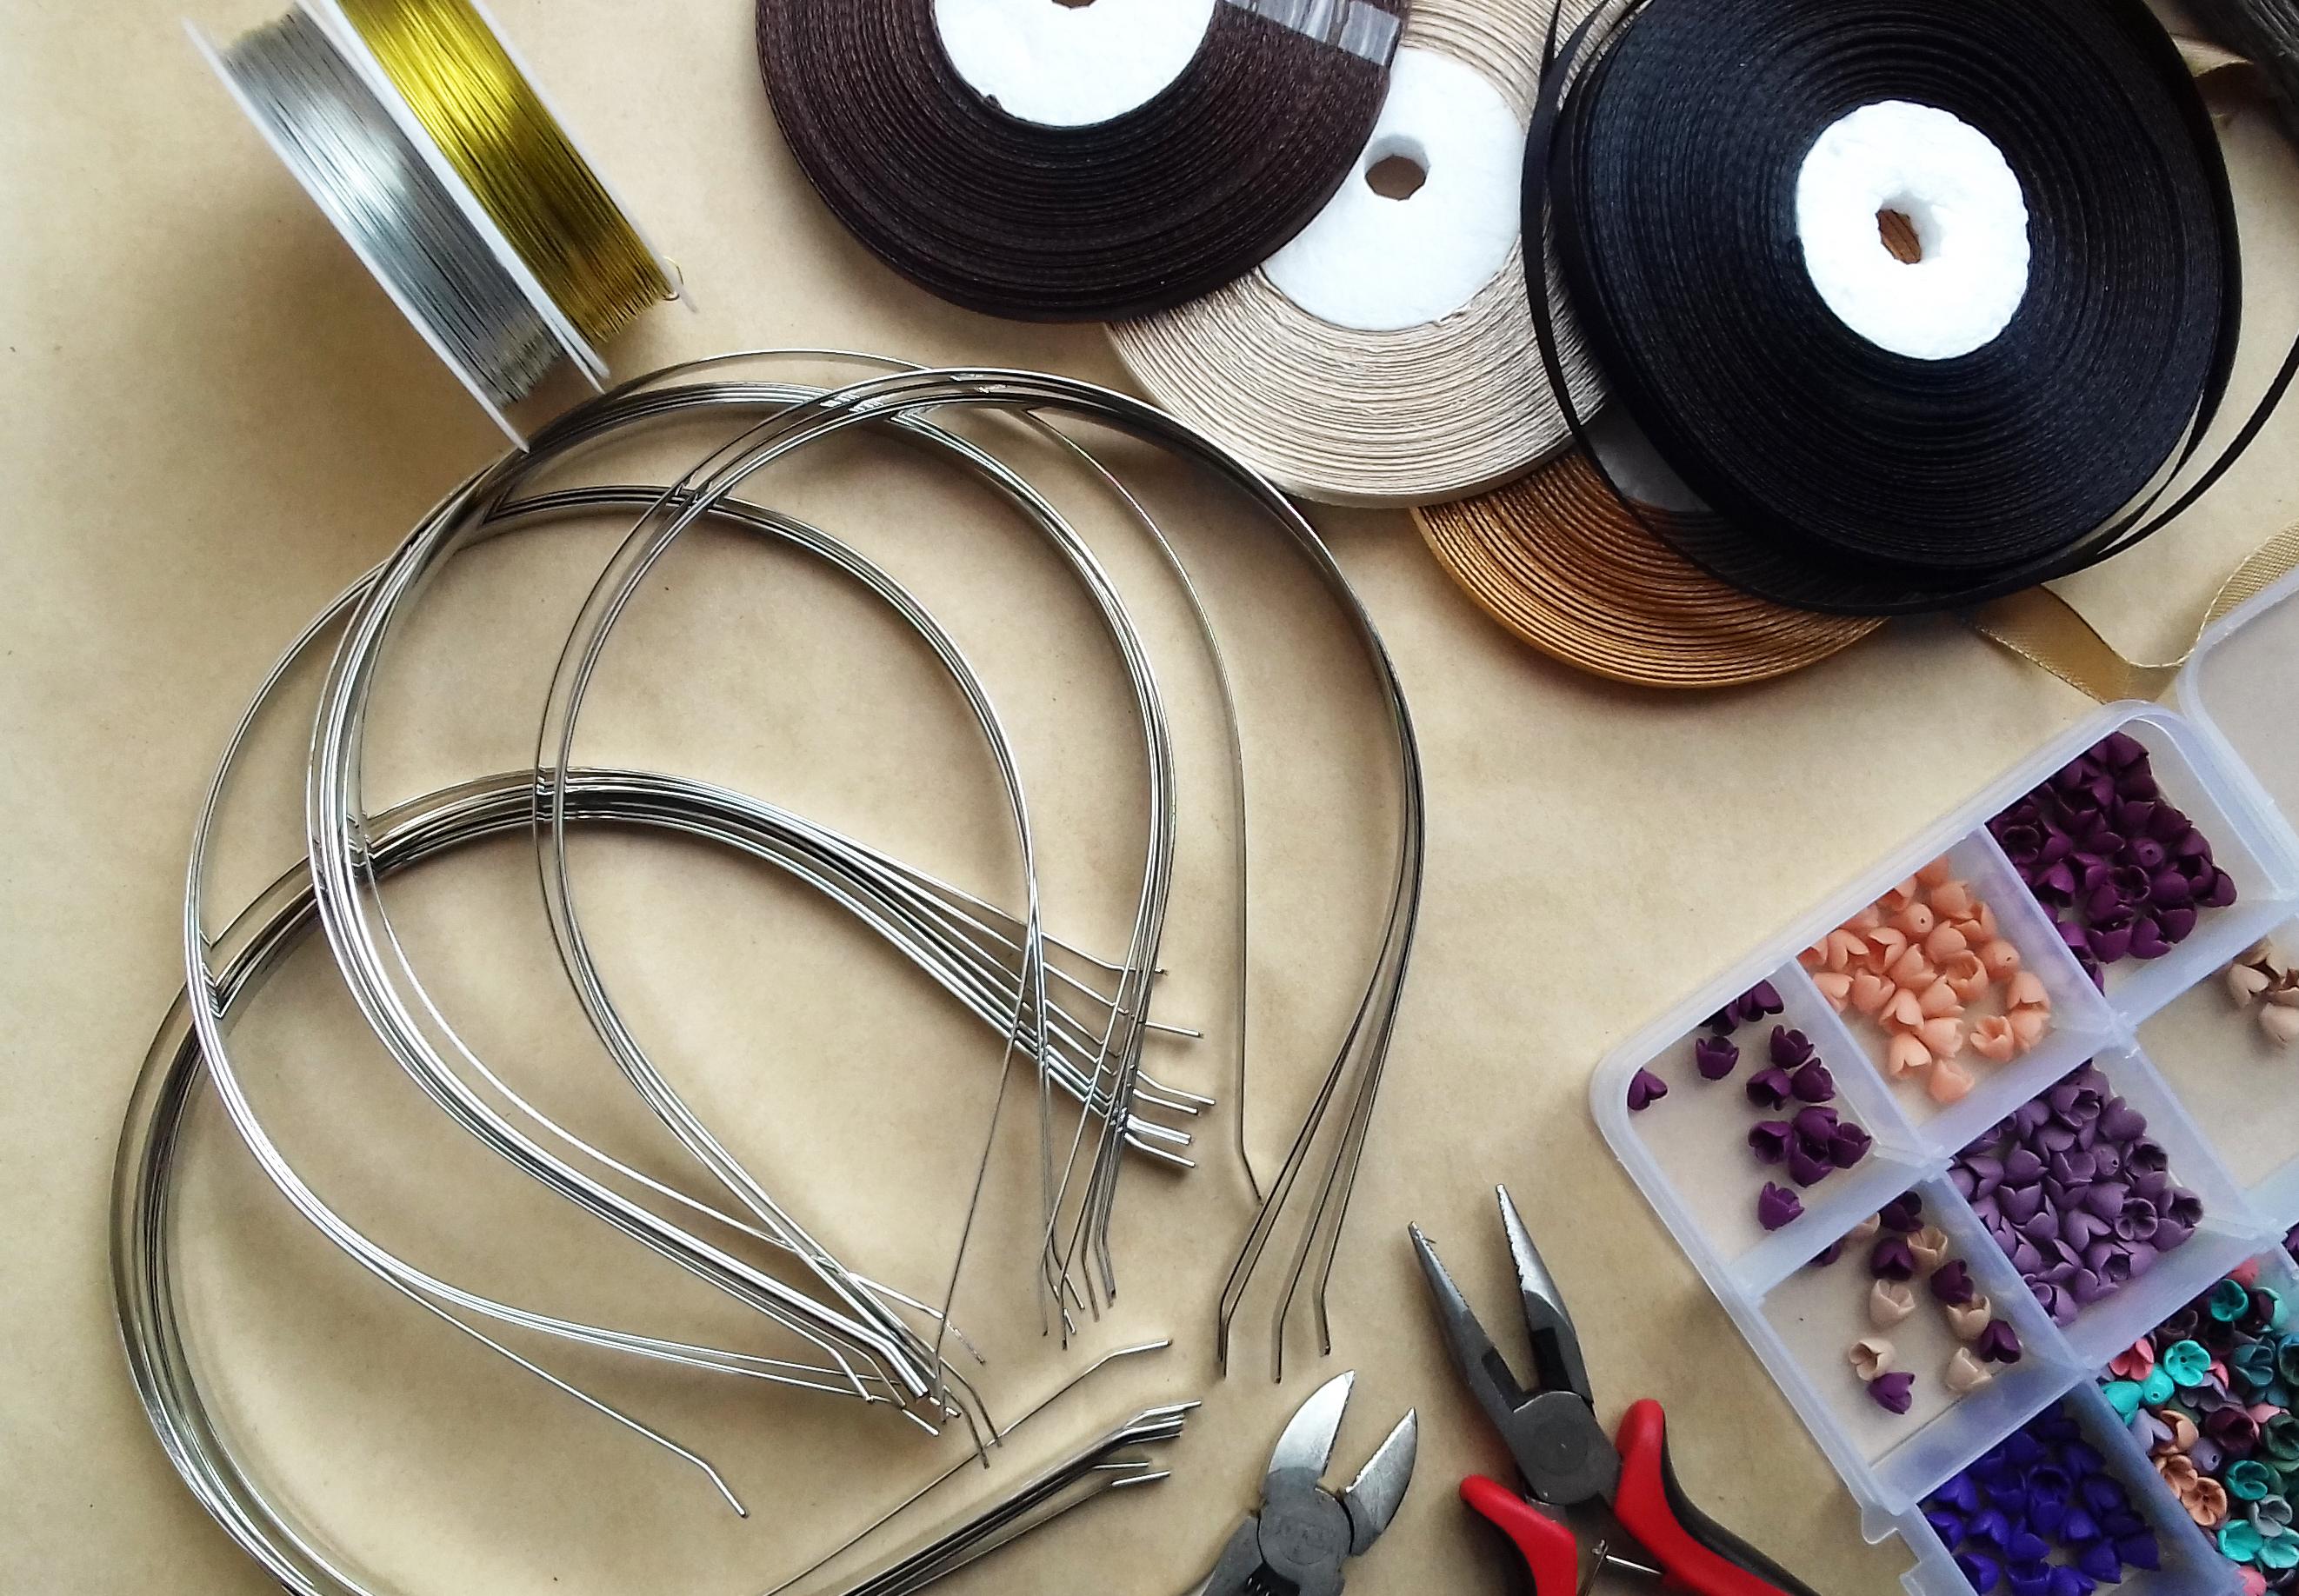 Обручи, металлическая проволока и плоскогубцы из нашего магазина